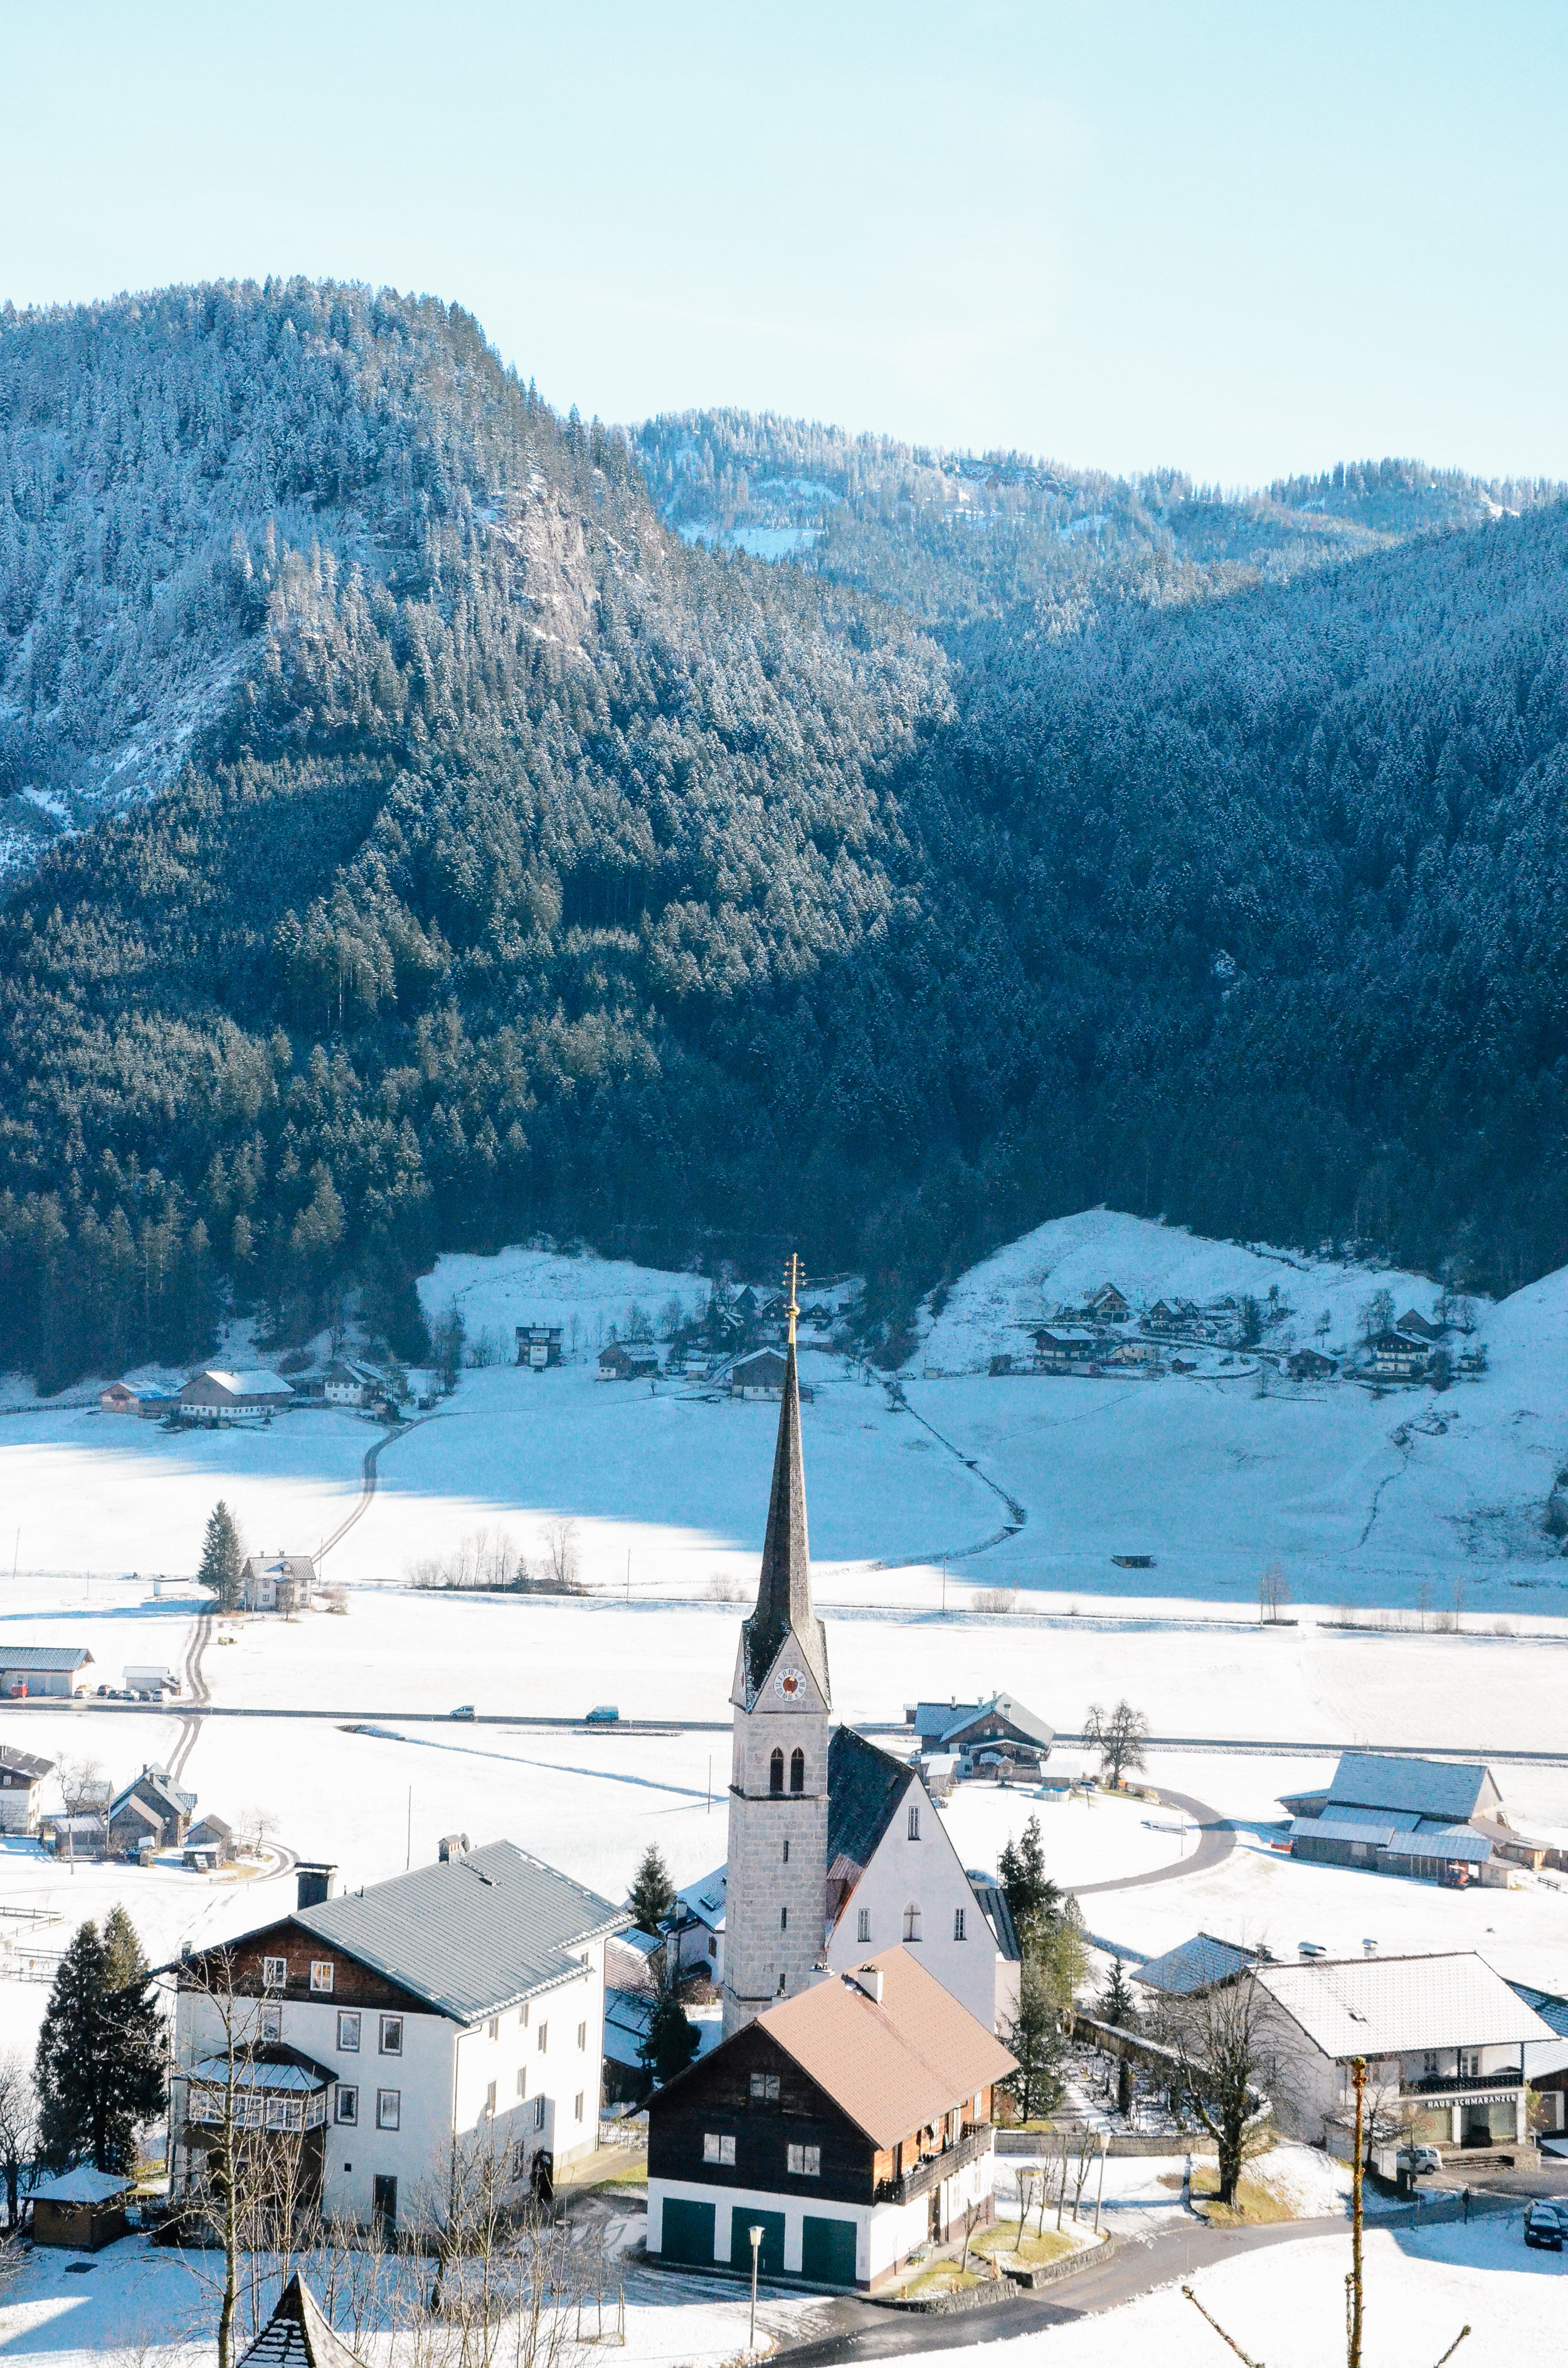 austria-halstatt-salzburg-travel-guide-lifeonpine_DSC_1898.jpg